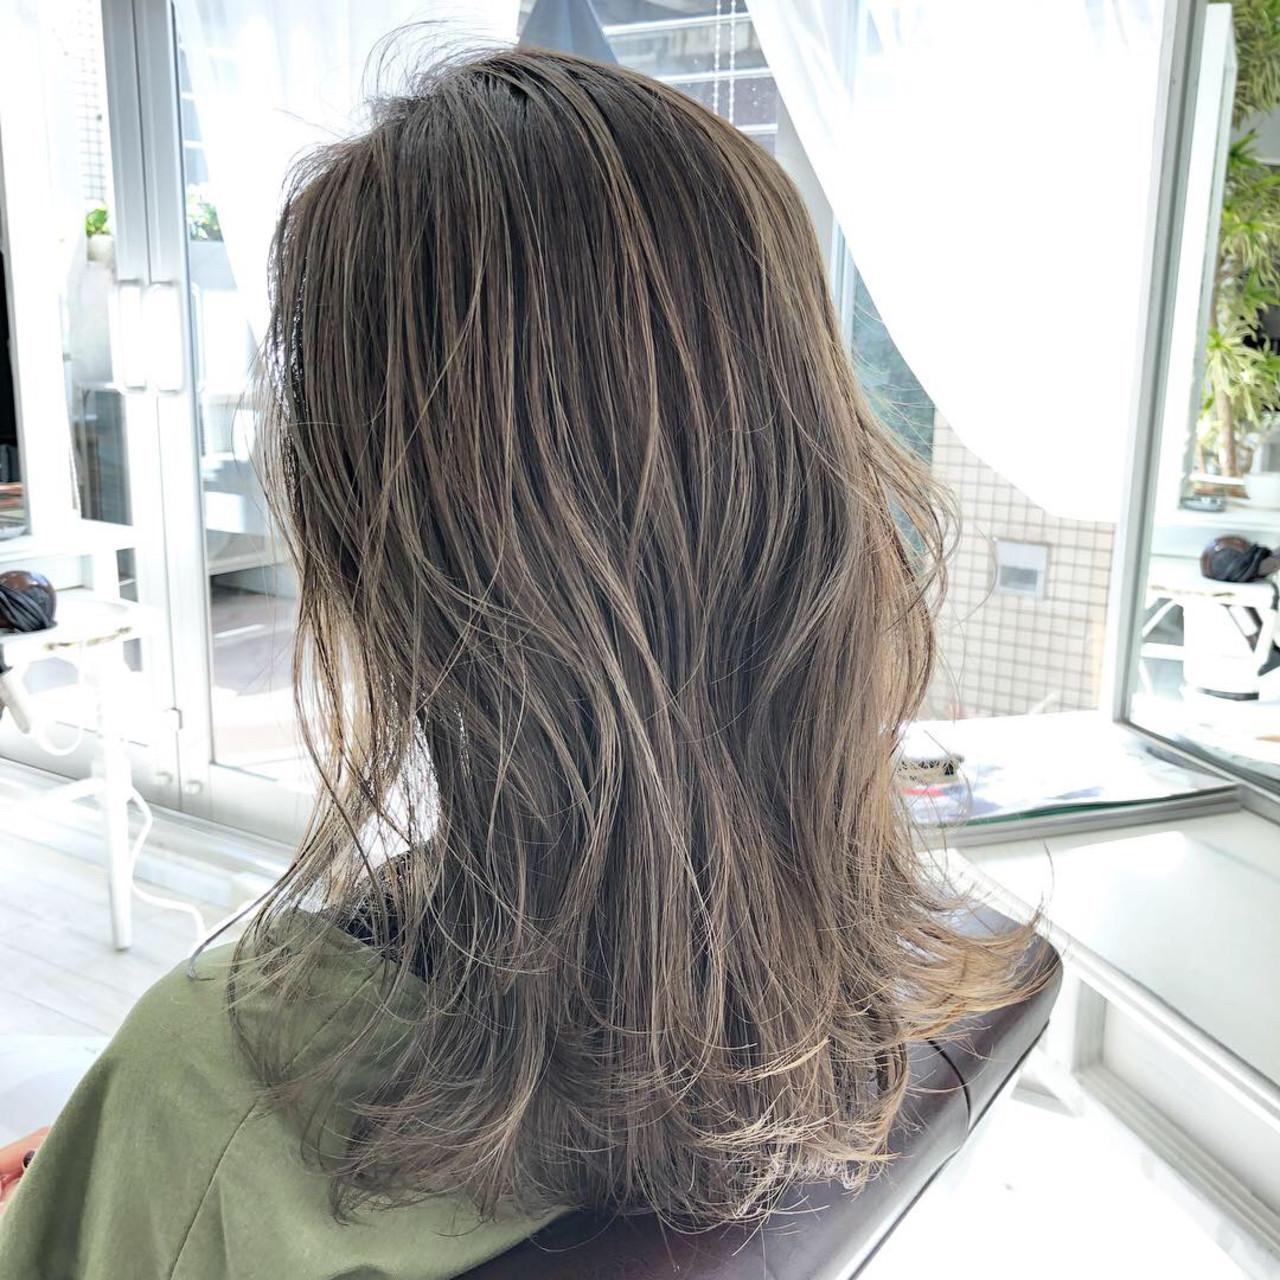 ミディアム ハイライト ミディアムレイヤー ナチュラルヘアスタイルや髪型の写真・画像